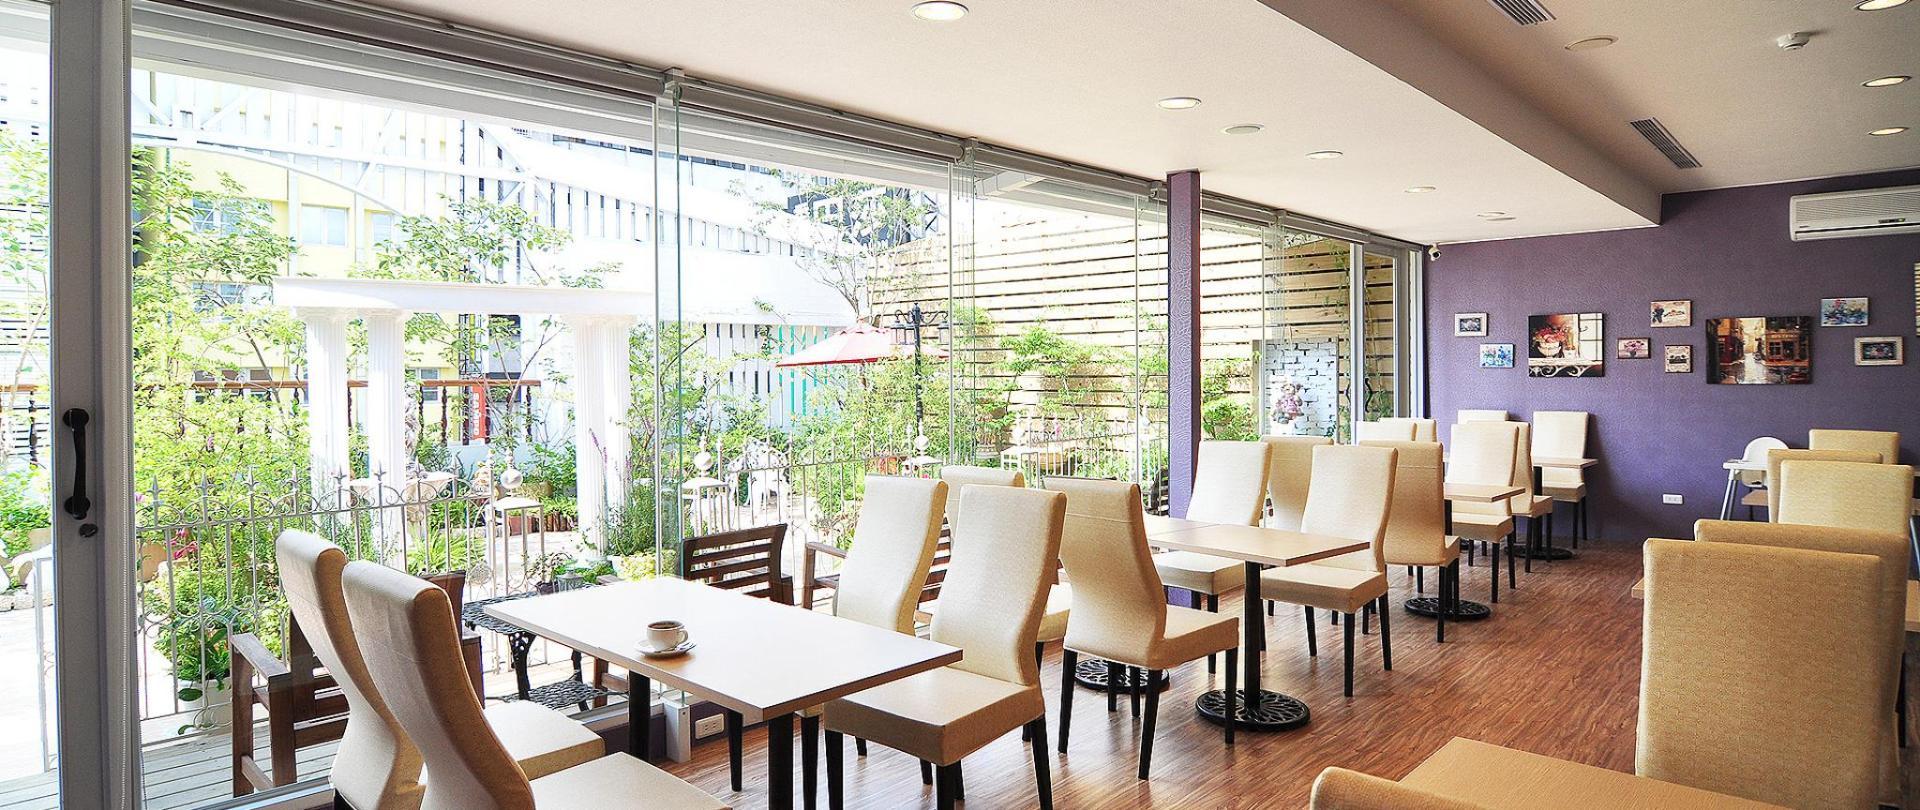 米朵陽光餐廳03.jpg